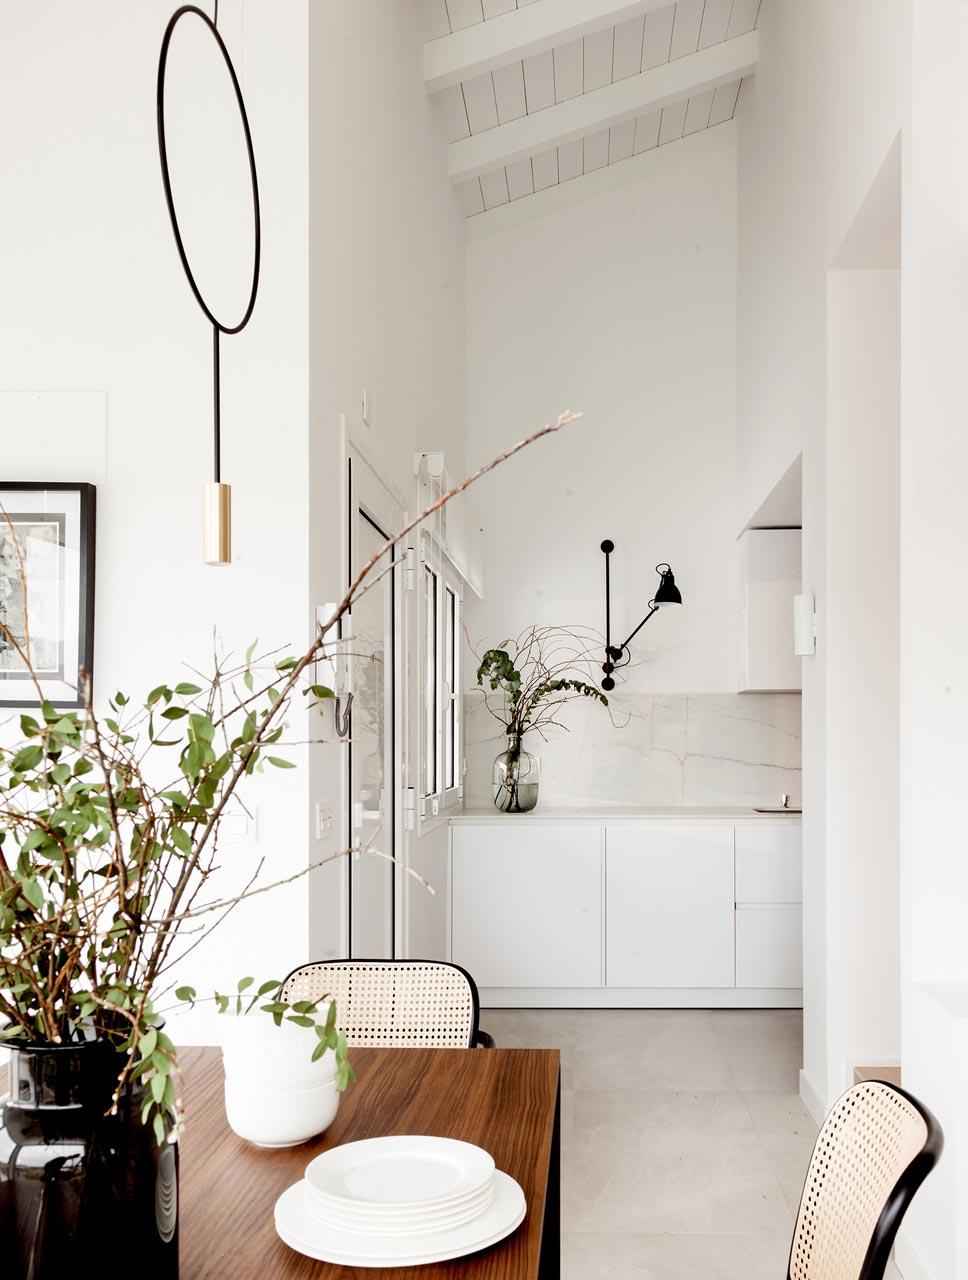 Cocinas Santos: diseñadas para adaptarse a cualquier vivienda